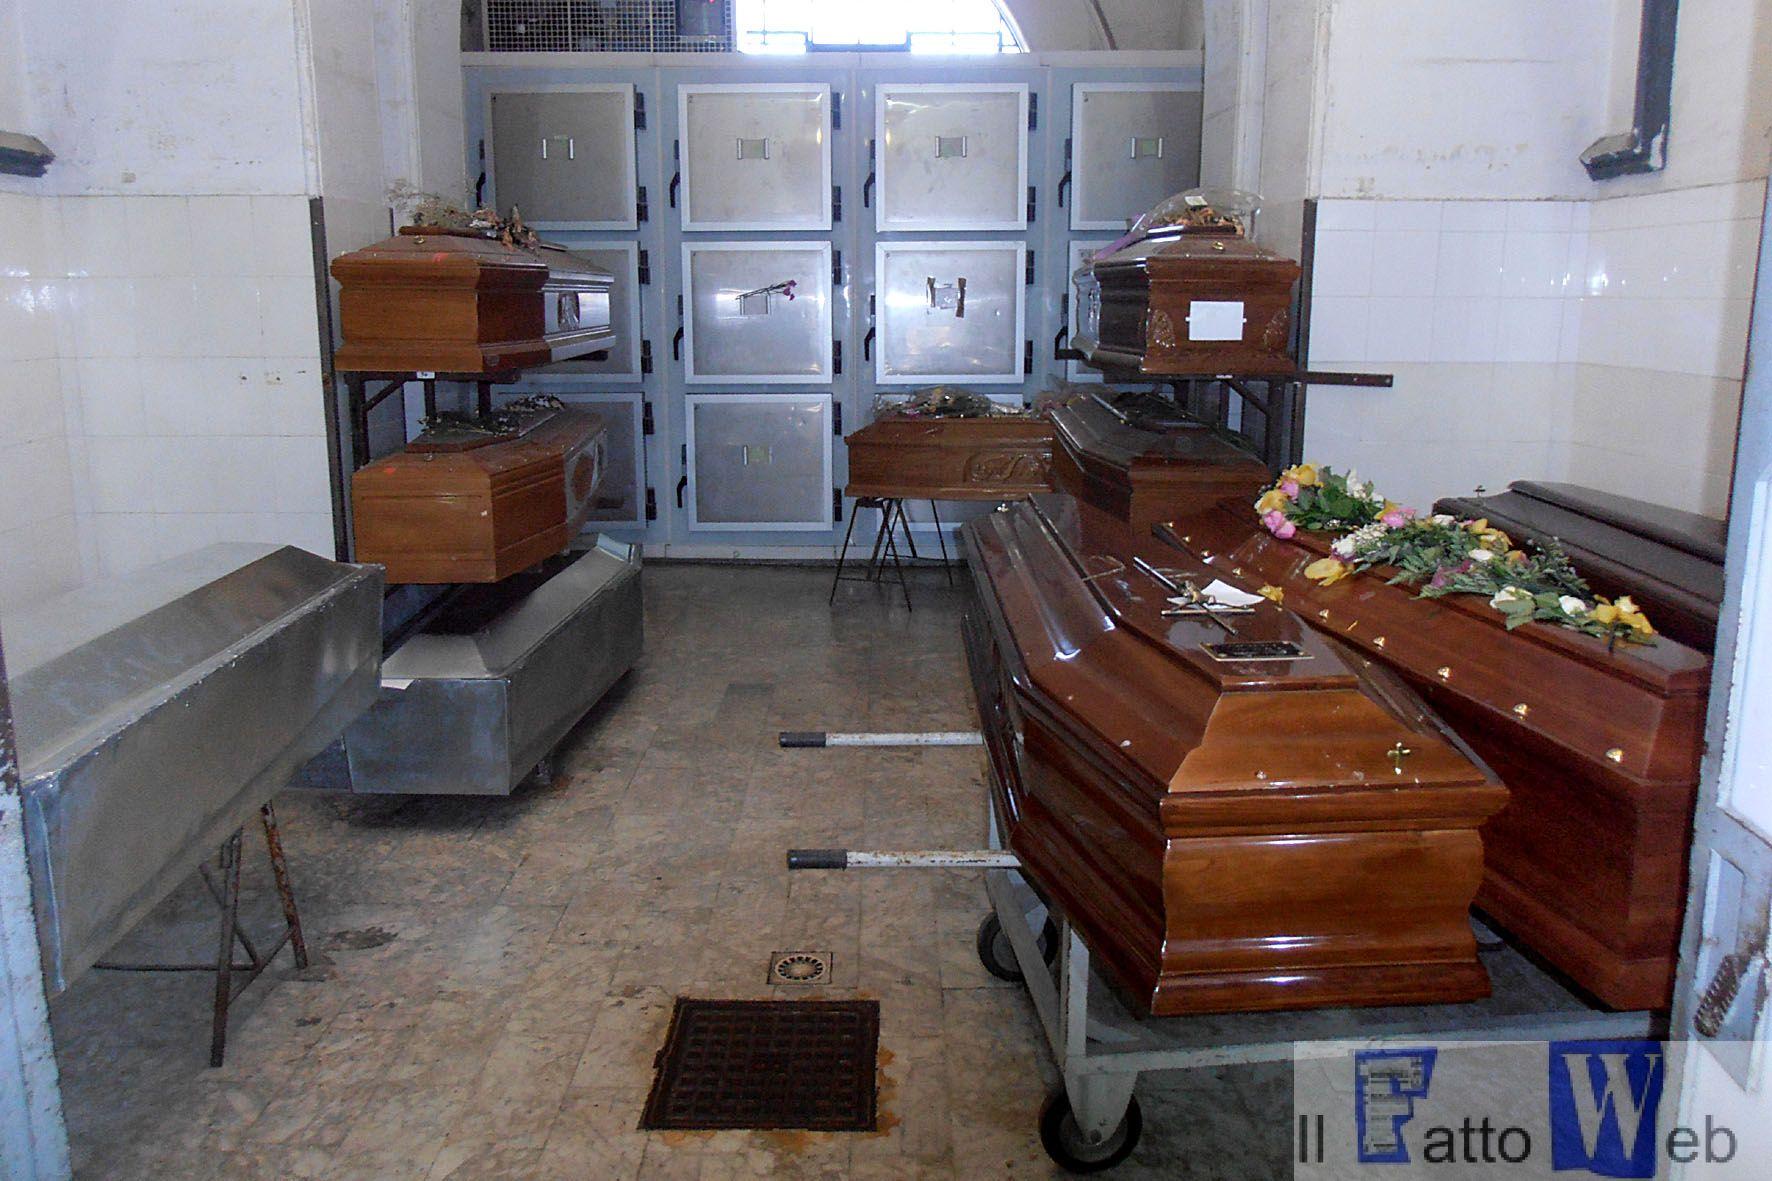 Catania Bare in fila da mesi con i defunti in attesa di ricevere una degna sepoltura